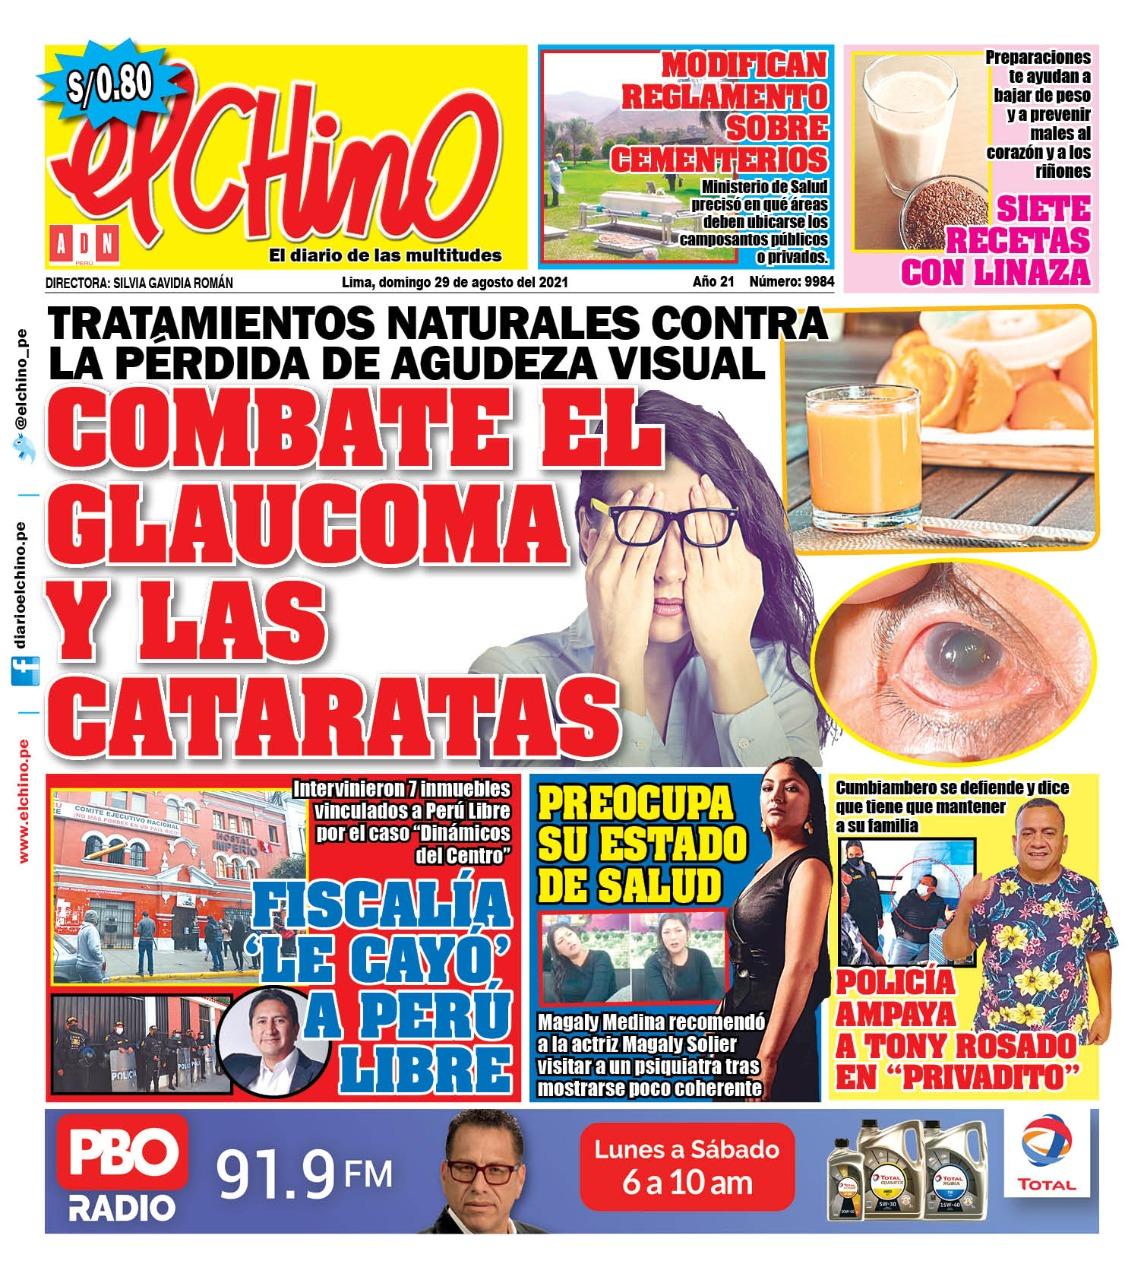 Portada impresa – Diario El Chino (29/08/2021)